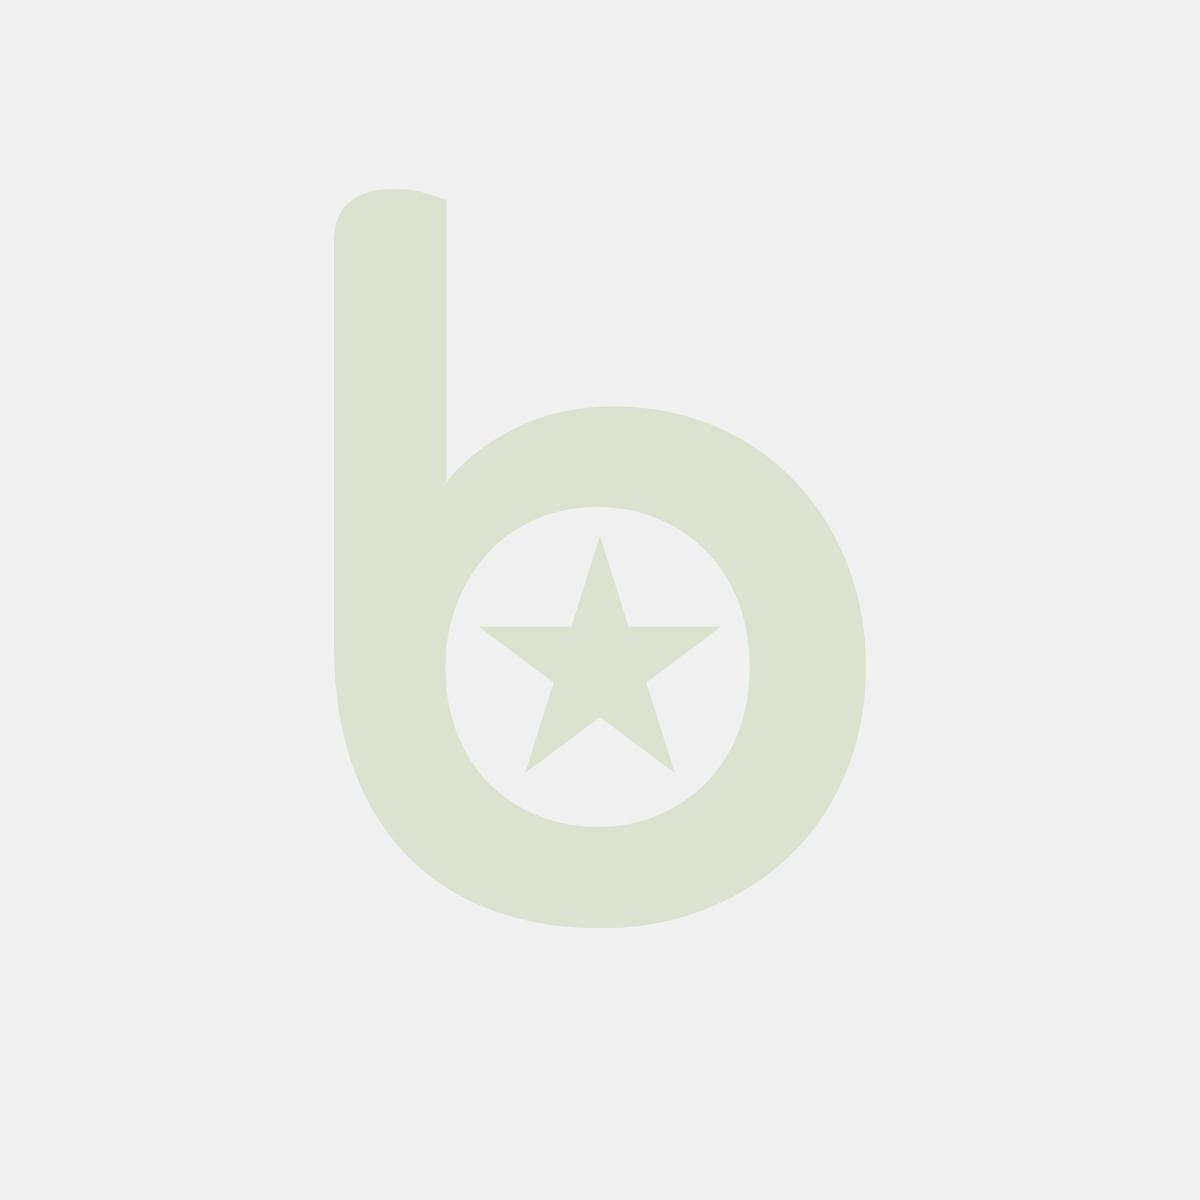 Kuchenka indukcyjna economic model 1800 - kod 239209